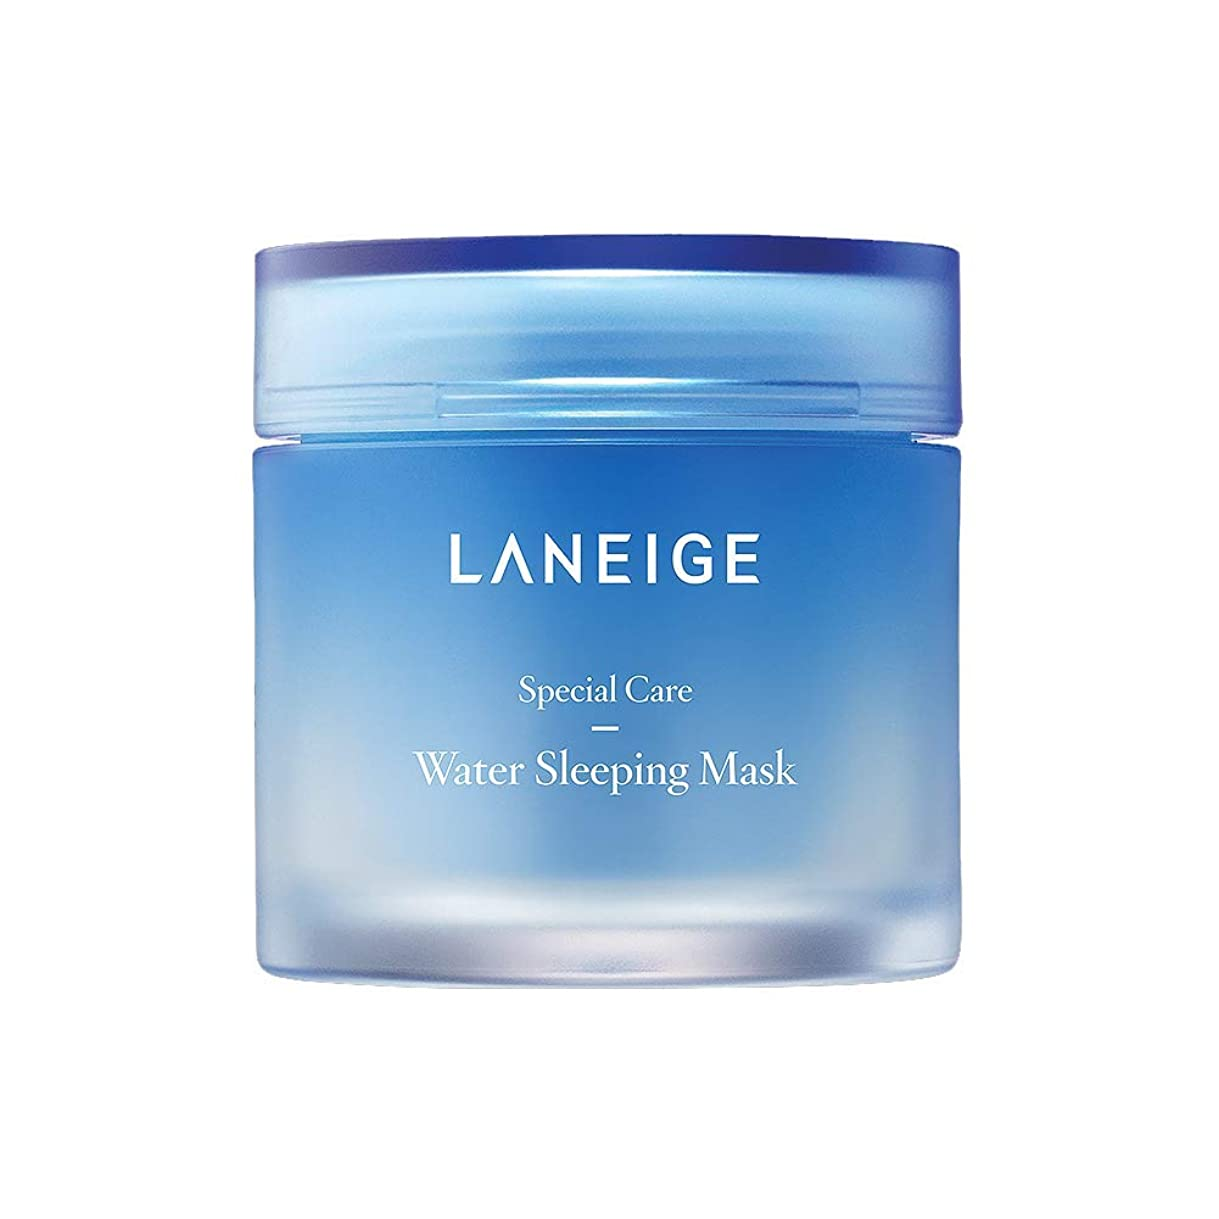 項目コンクリート迫害Water Sleeping Mask 70ml/ウォーター スリーピング マスク 70ml [50個限定!人気商品のサンプルプレゼント!]